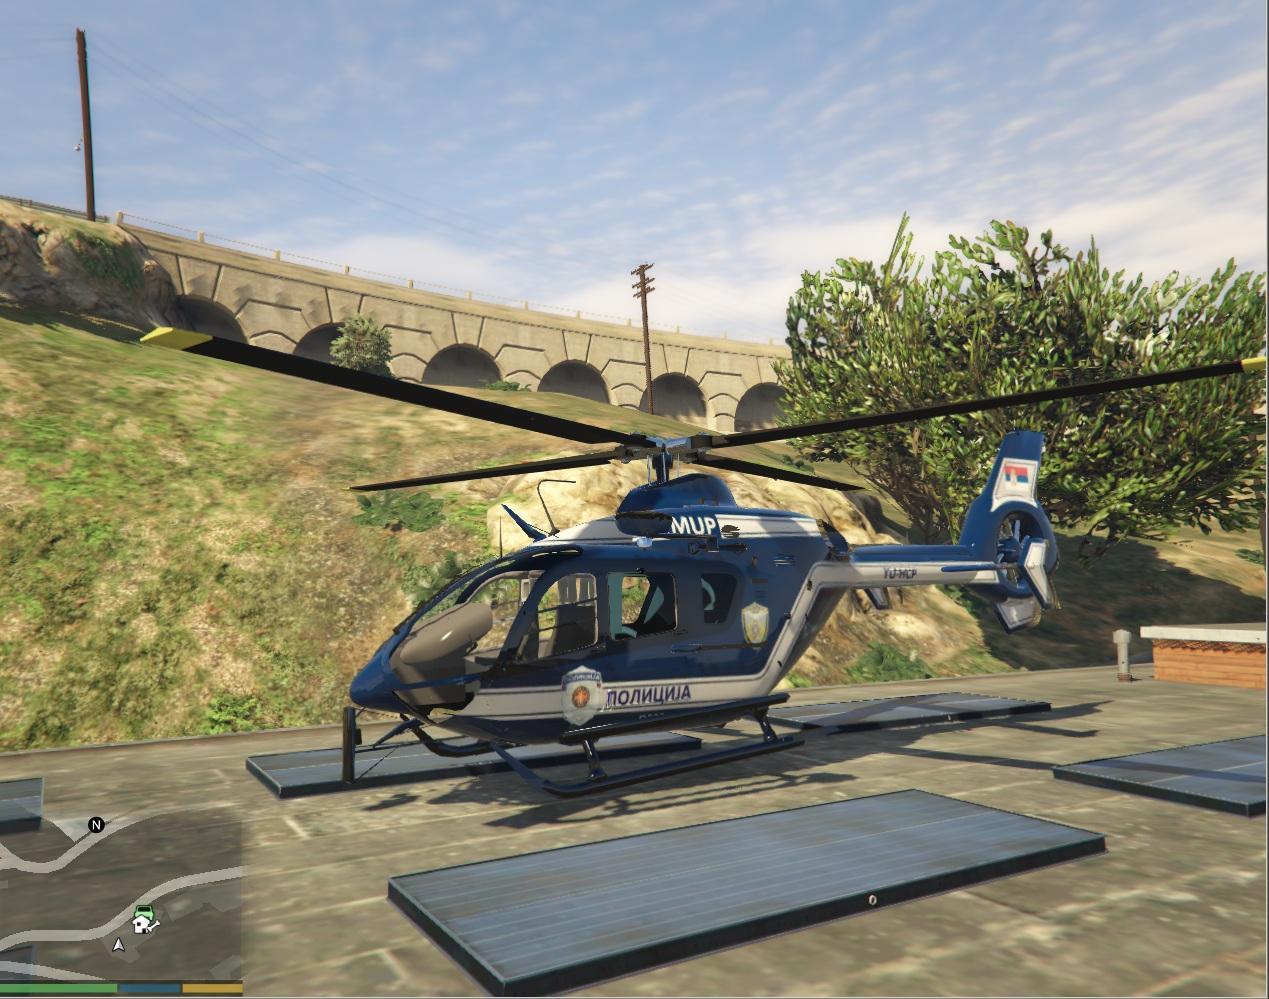 Srbski policijski helikopter (Eurocopter) - GTA5-Mods.com